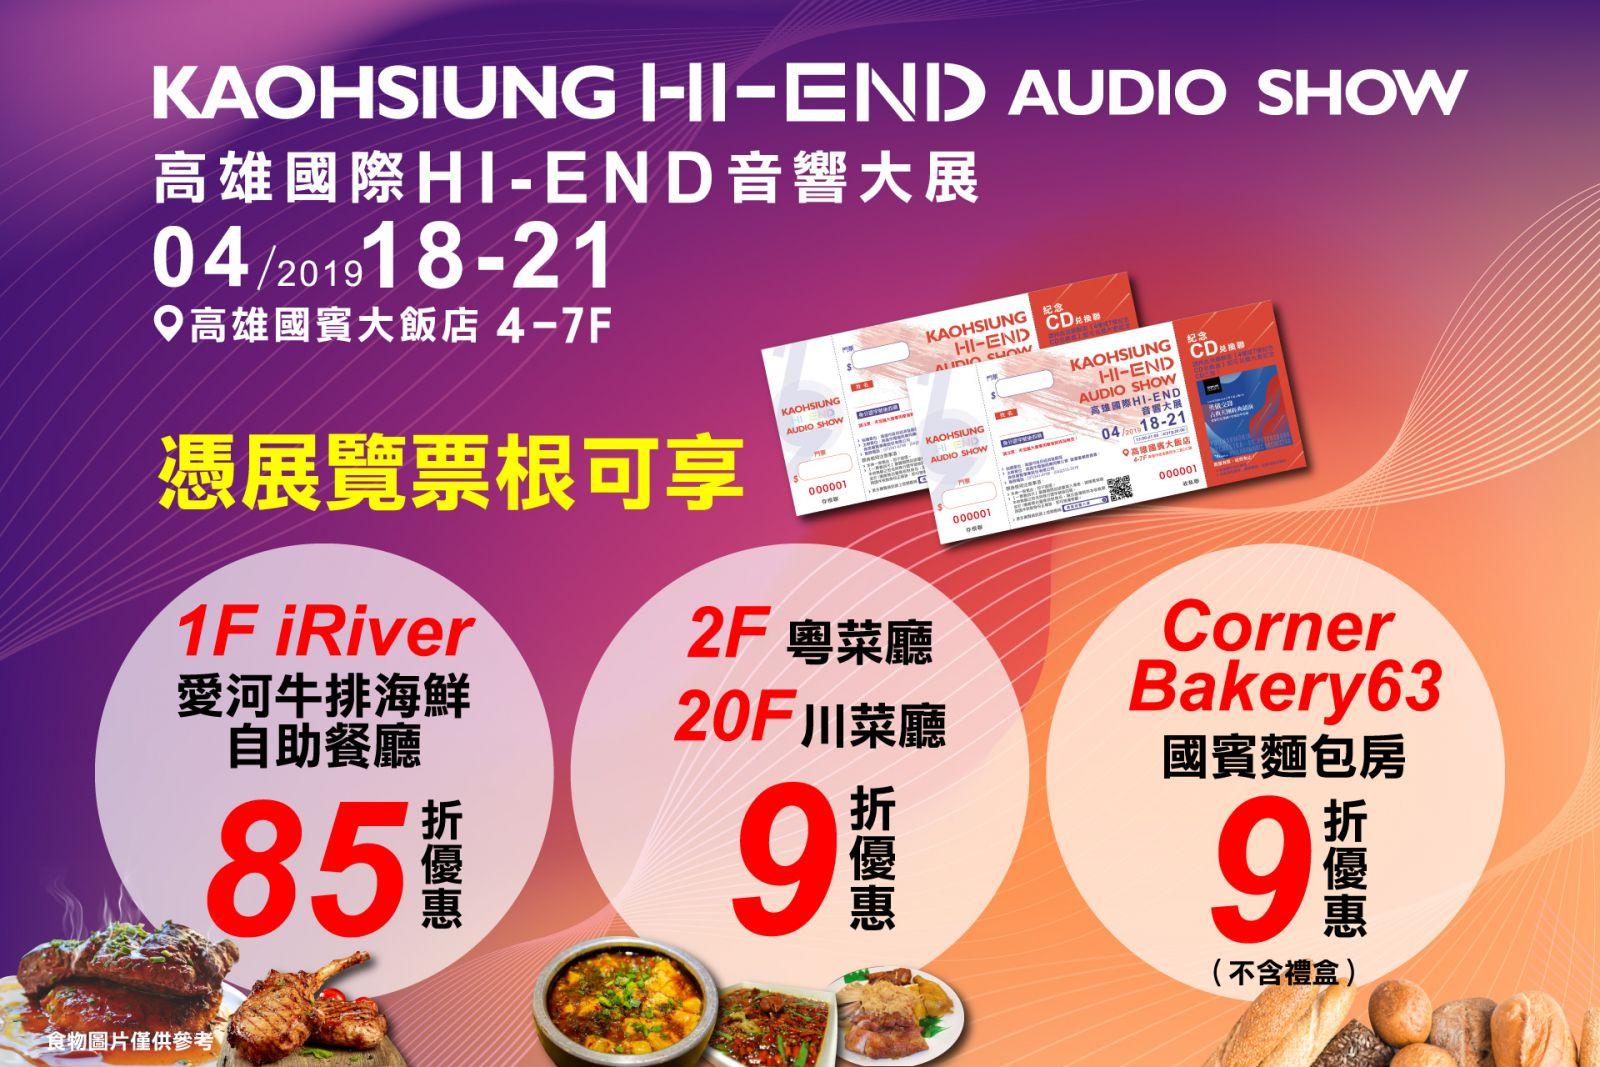 高雄國際HI-END音響大展